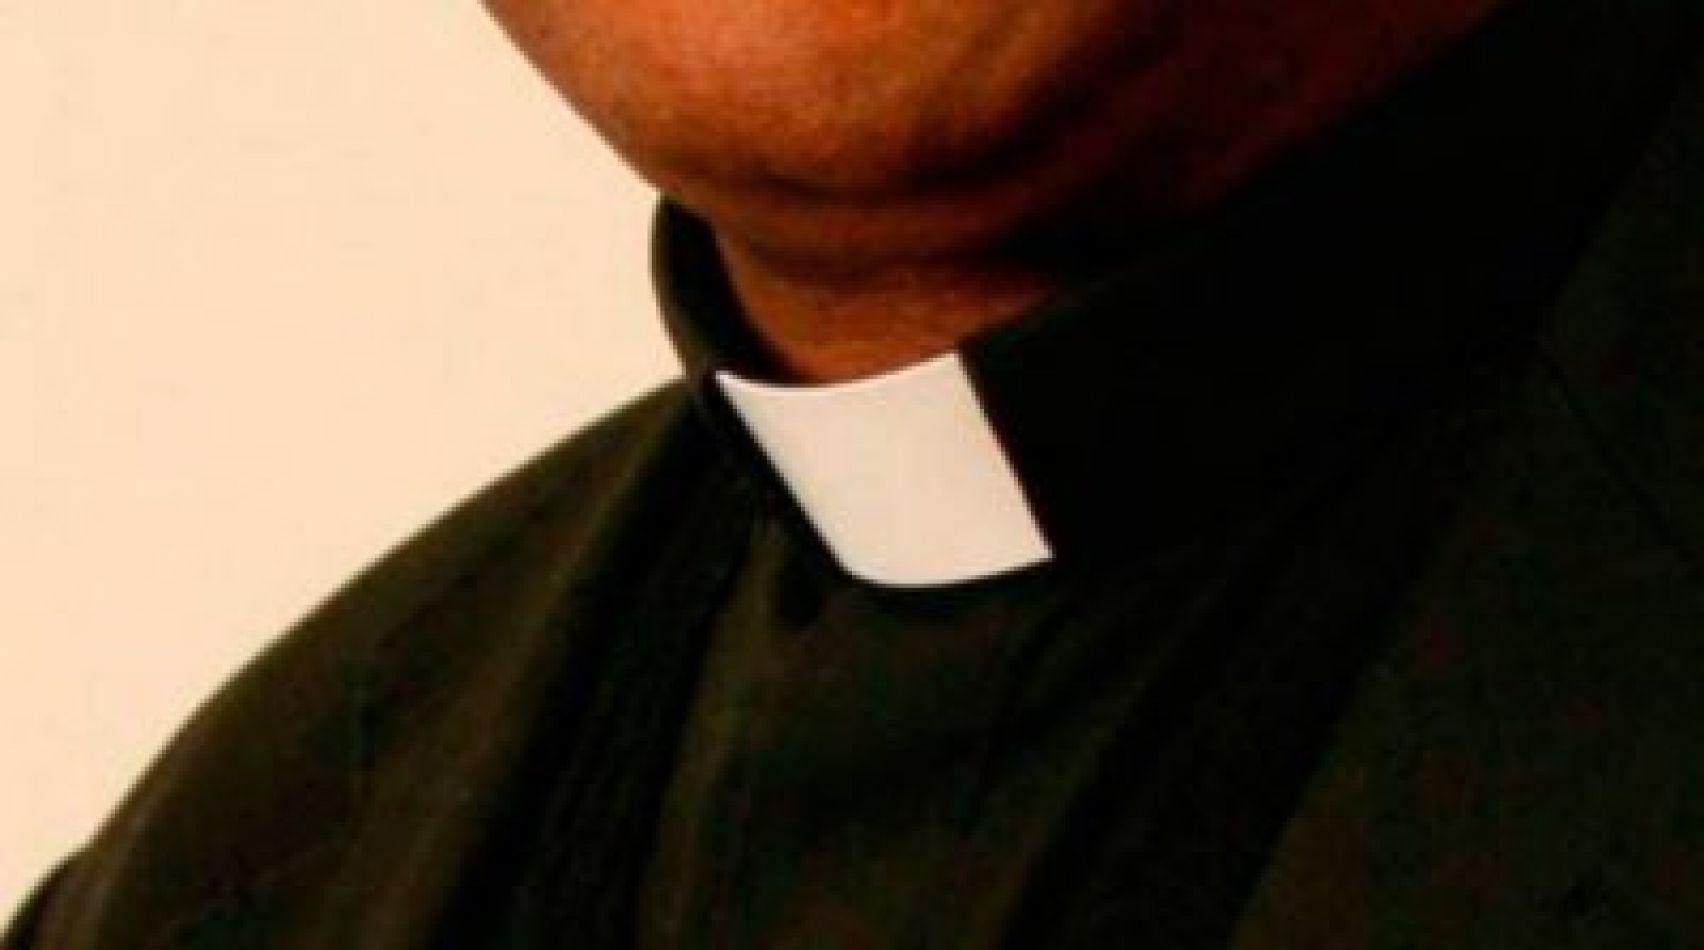 Otro caso que salpica a la jerarquía eclesiástica